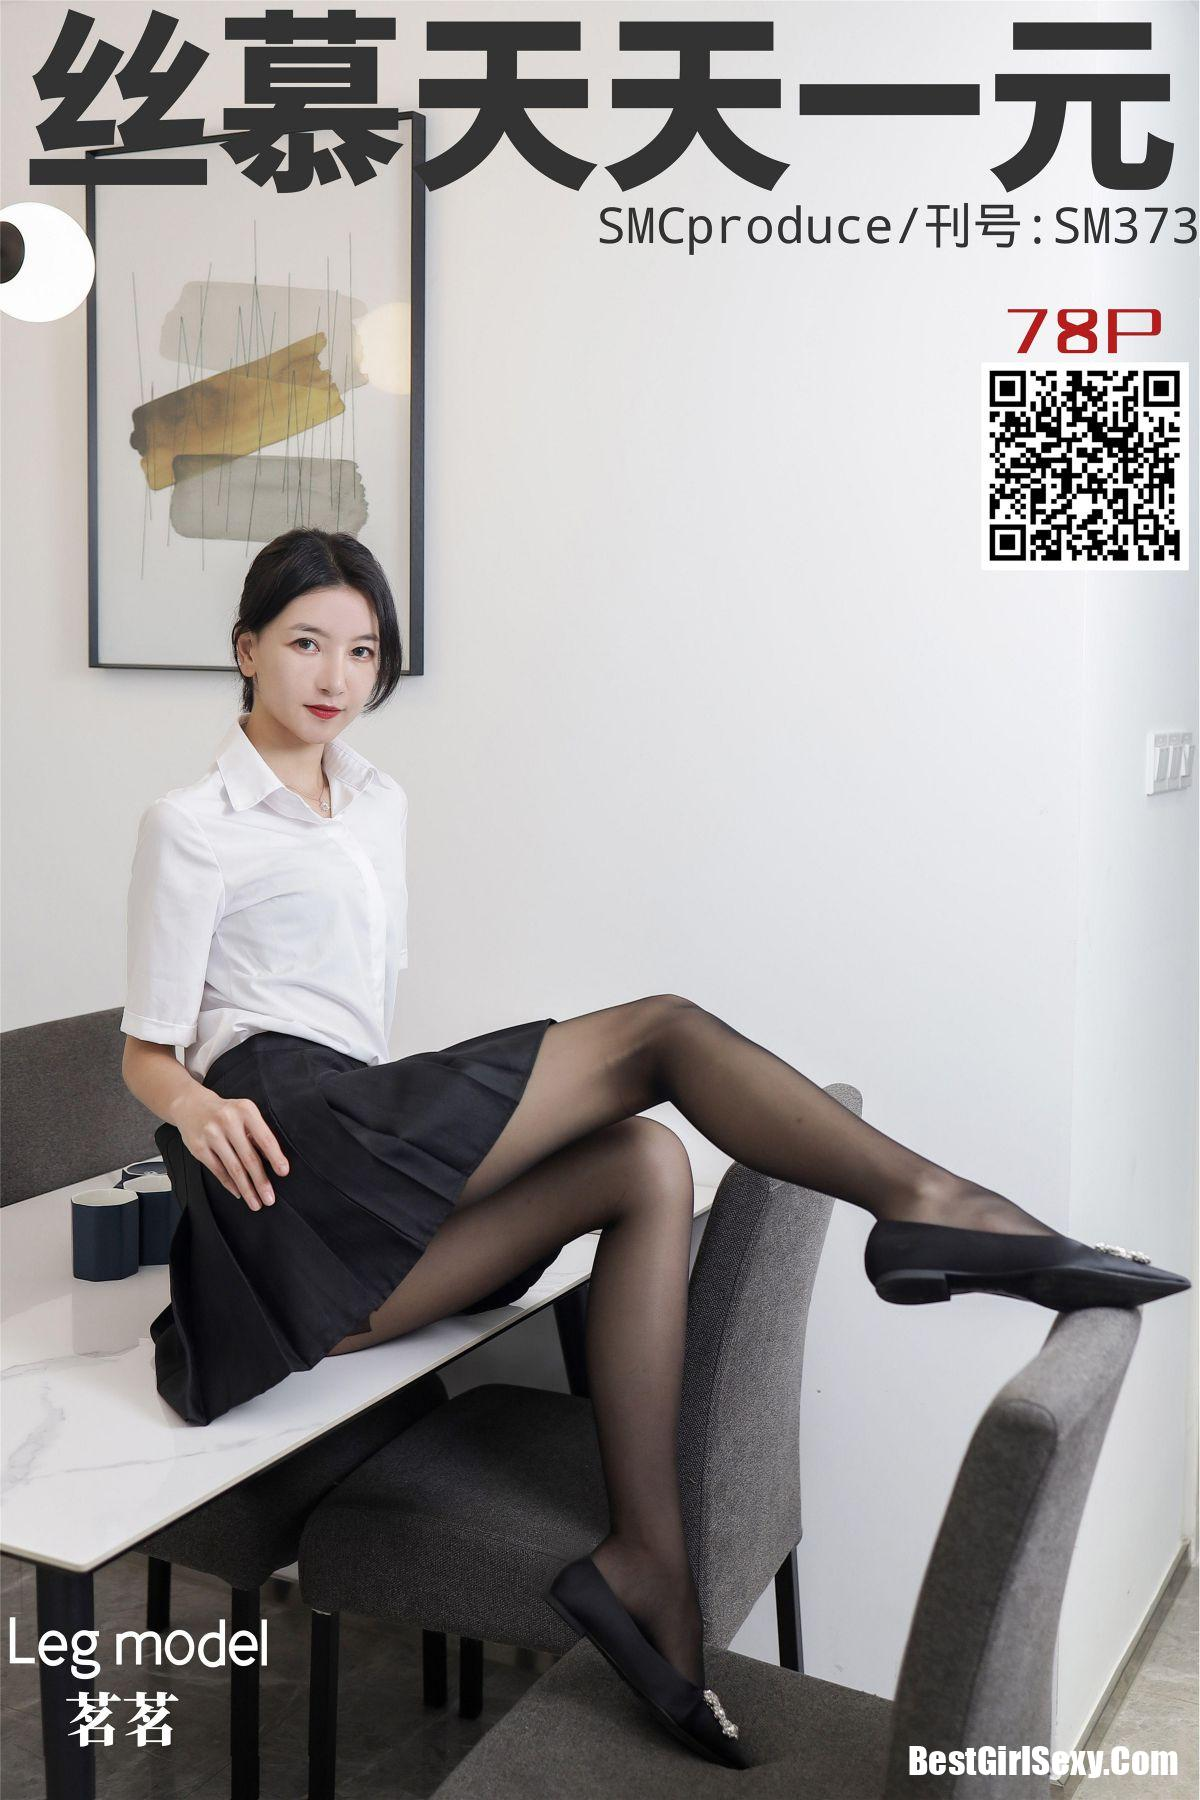 丝慕写真 SM373 Ming Ming